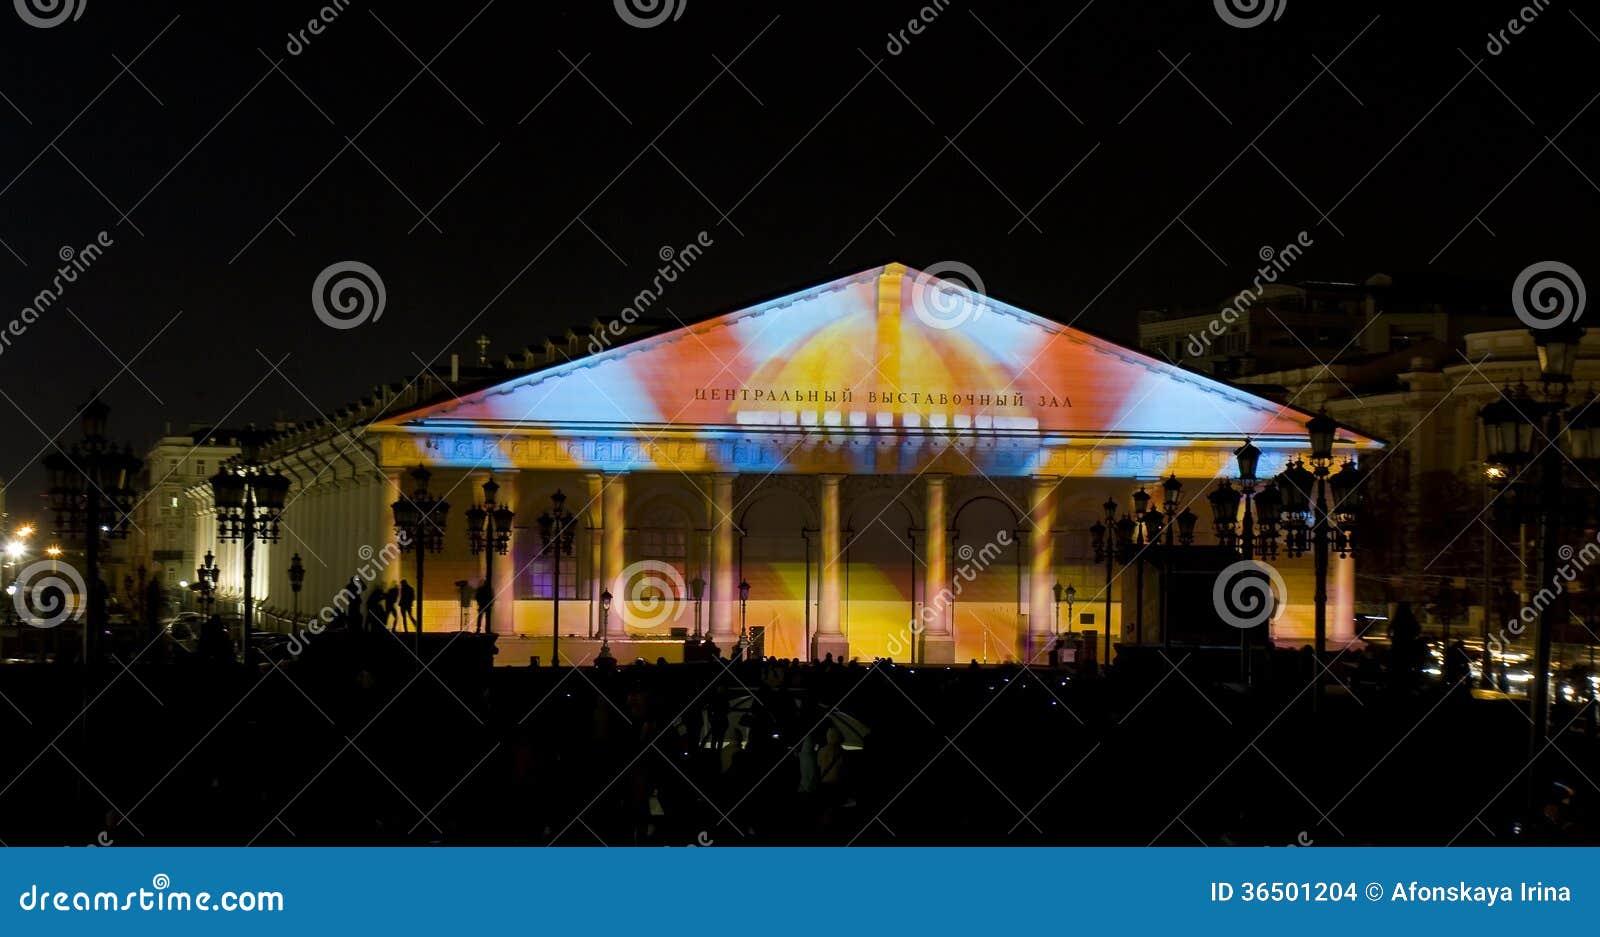 Moskau, Ausstellungshalle